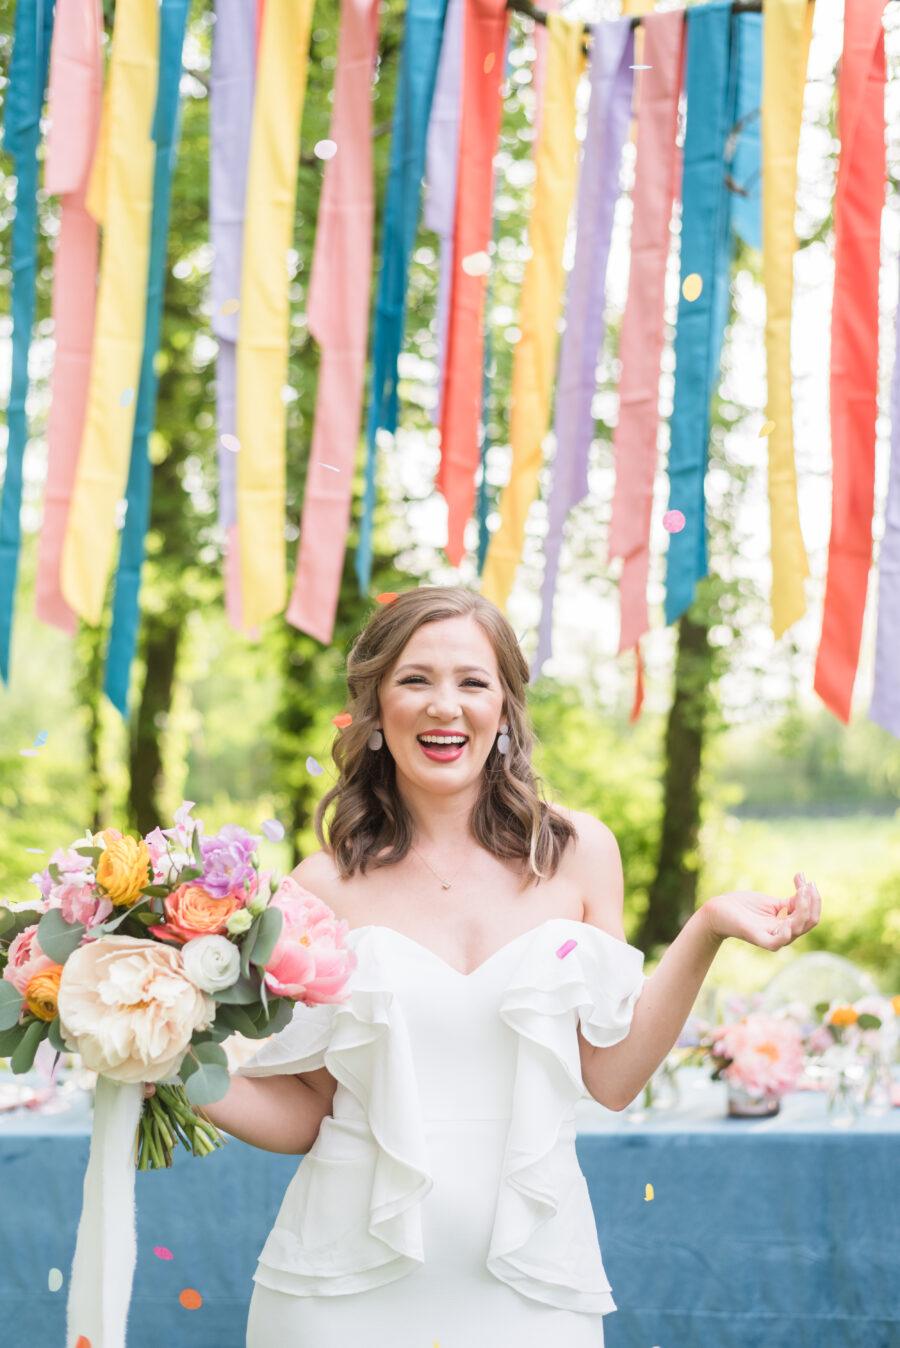 Colorful wedding confetti